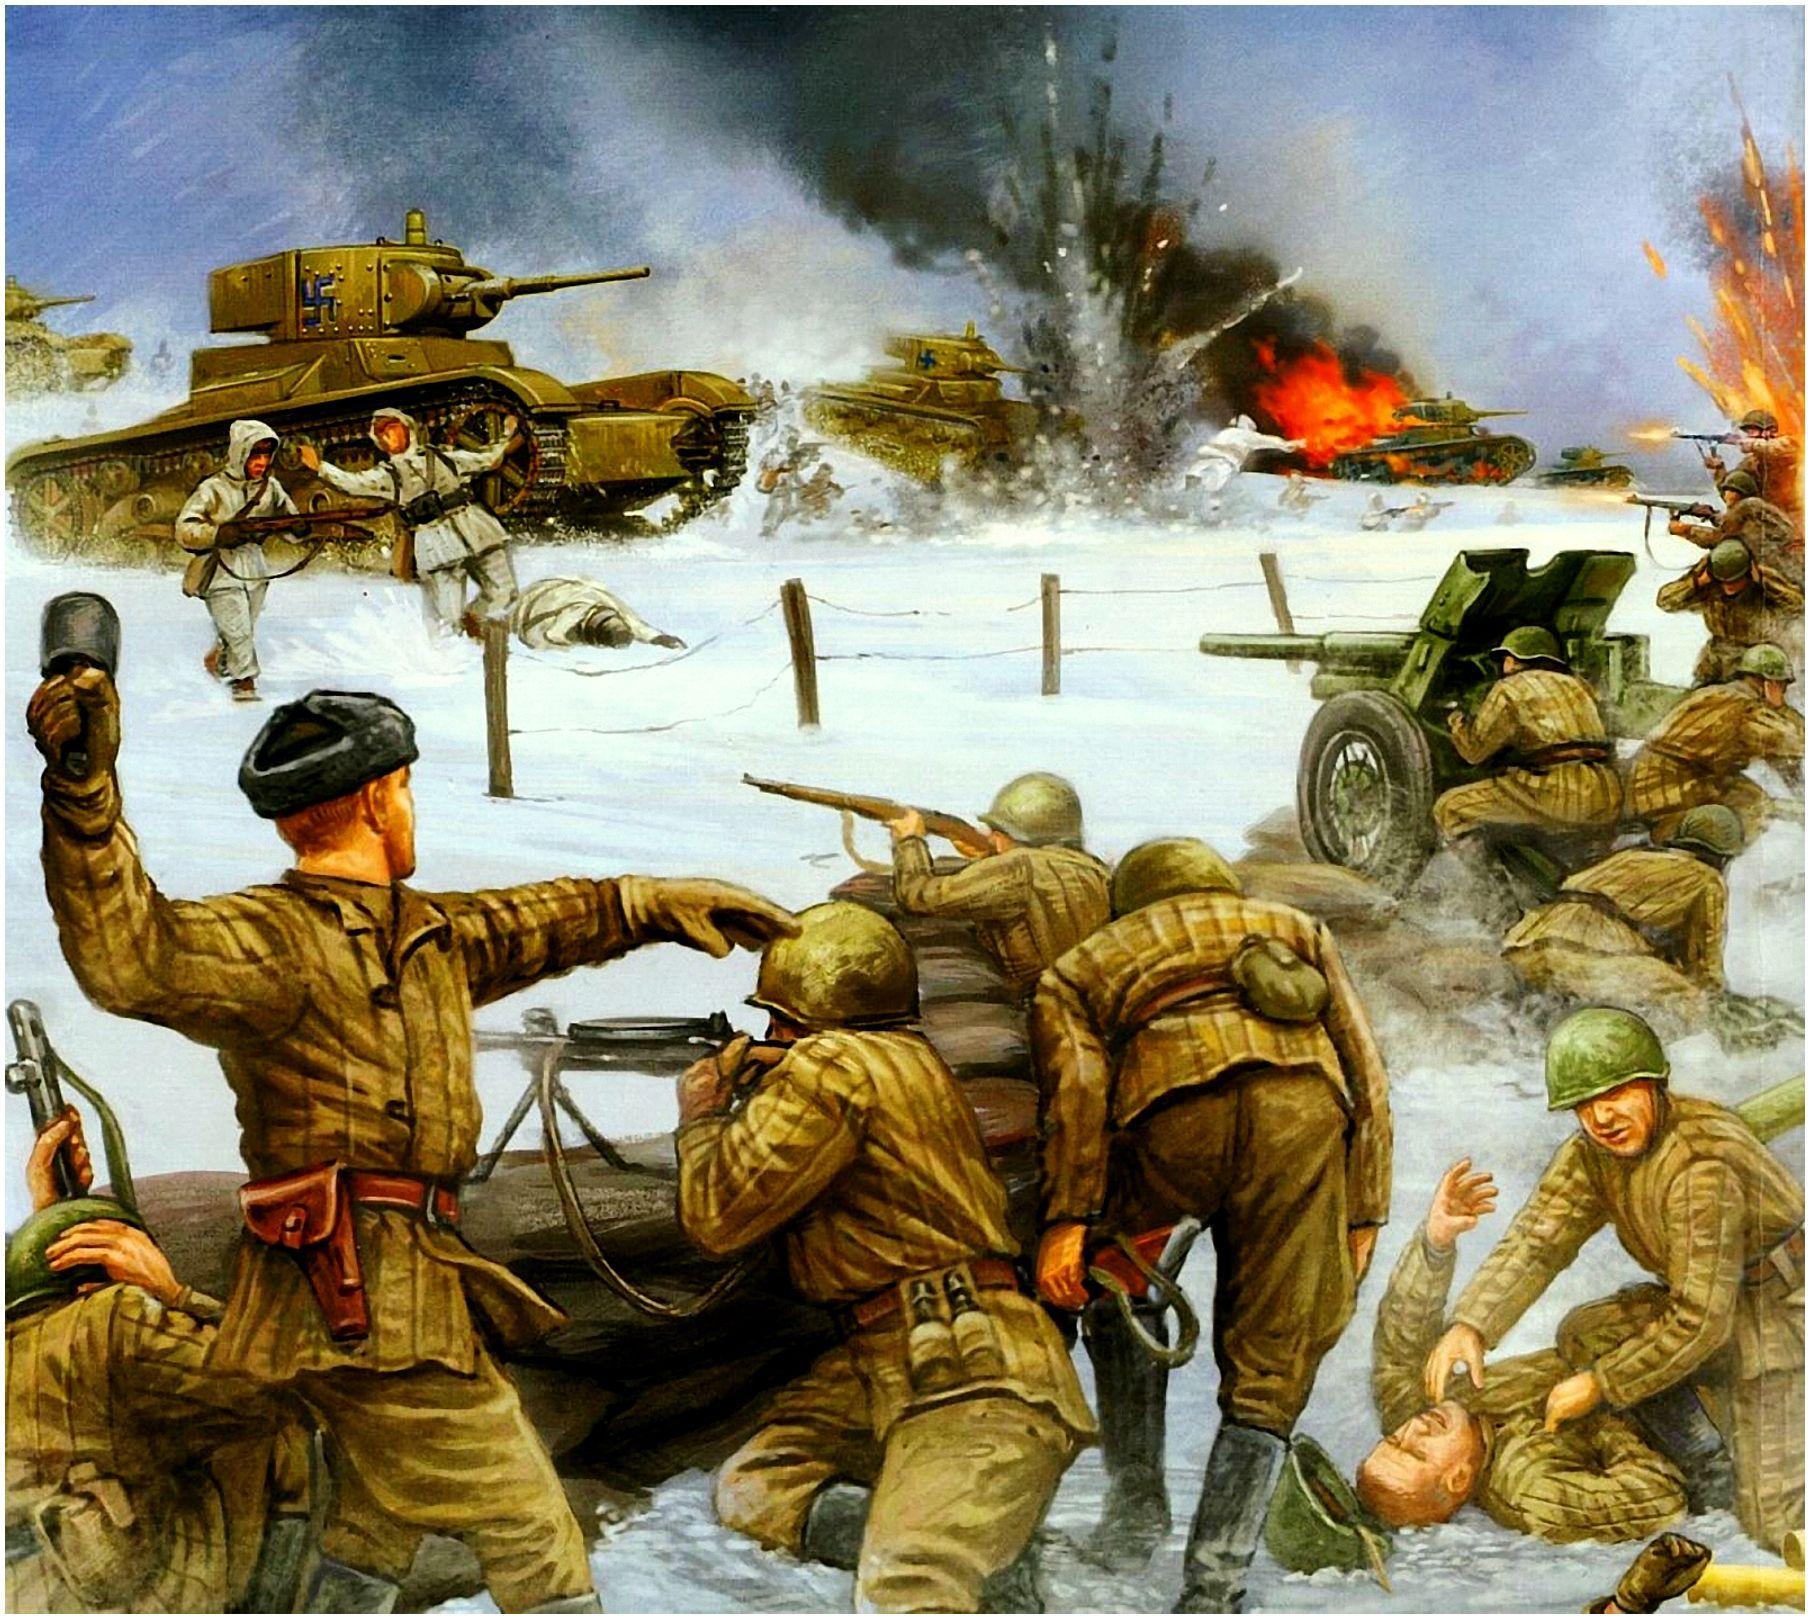 Фото, картинки о великой отечественной войне для детей